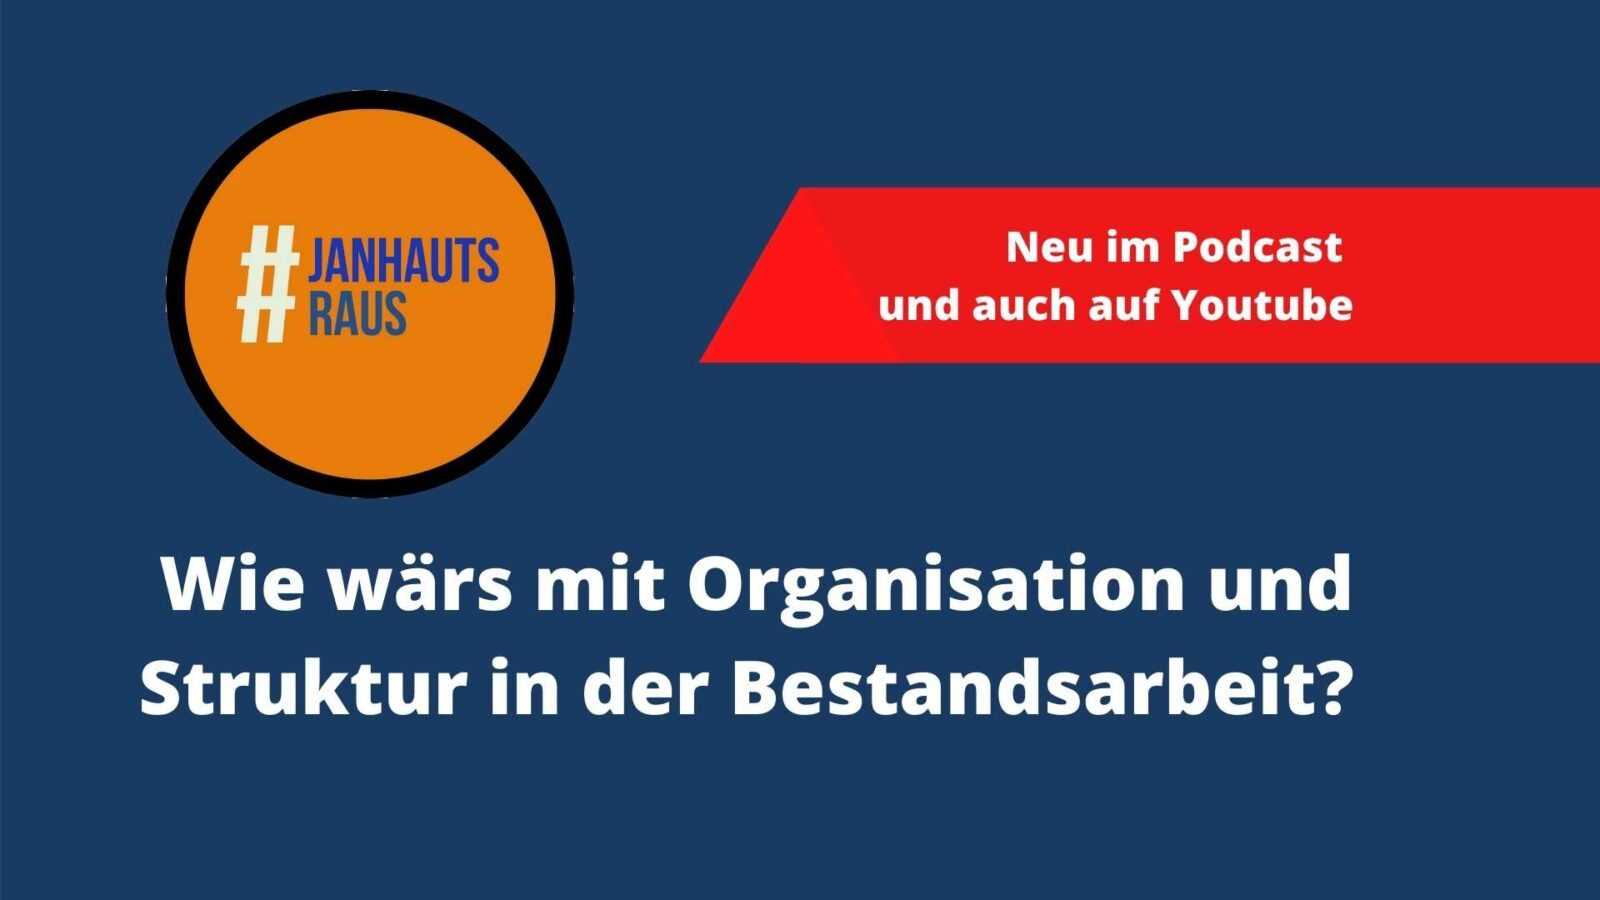 #janhautsraus - Wie wärs mit Organisation und Struktur in der Bestandsarbeit?